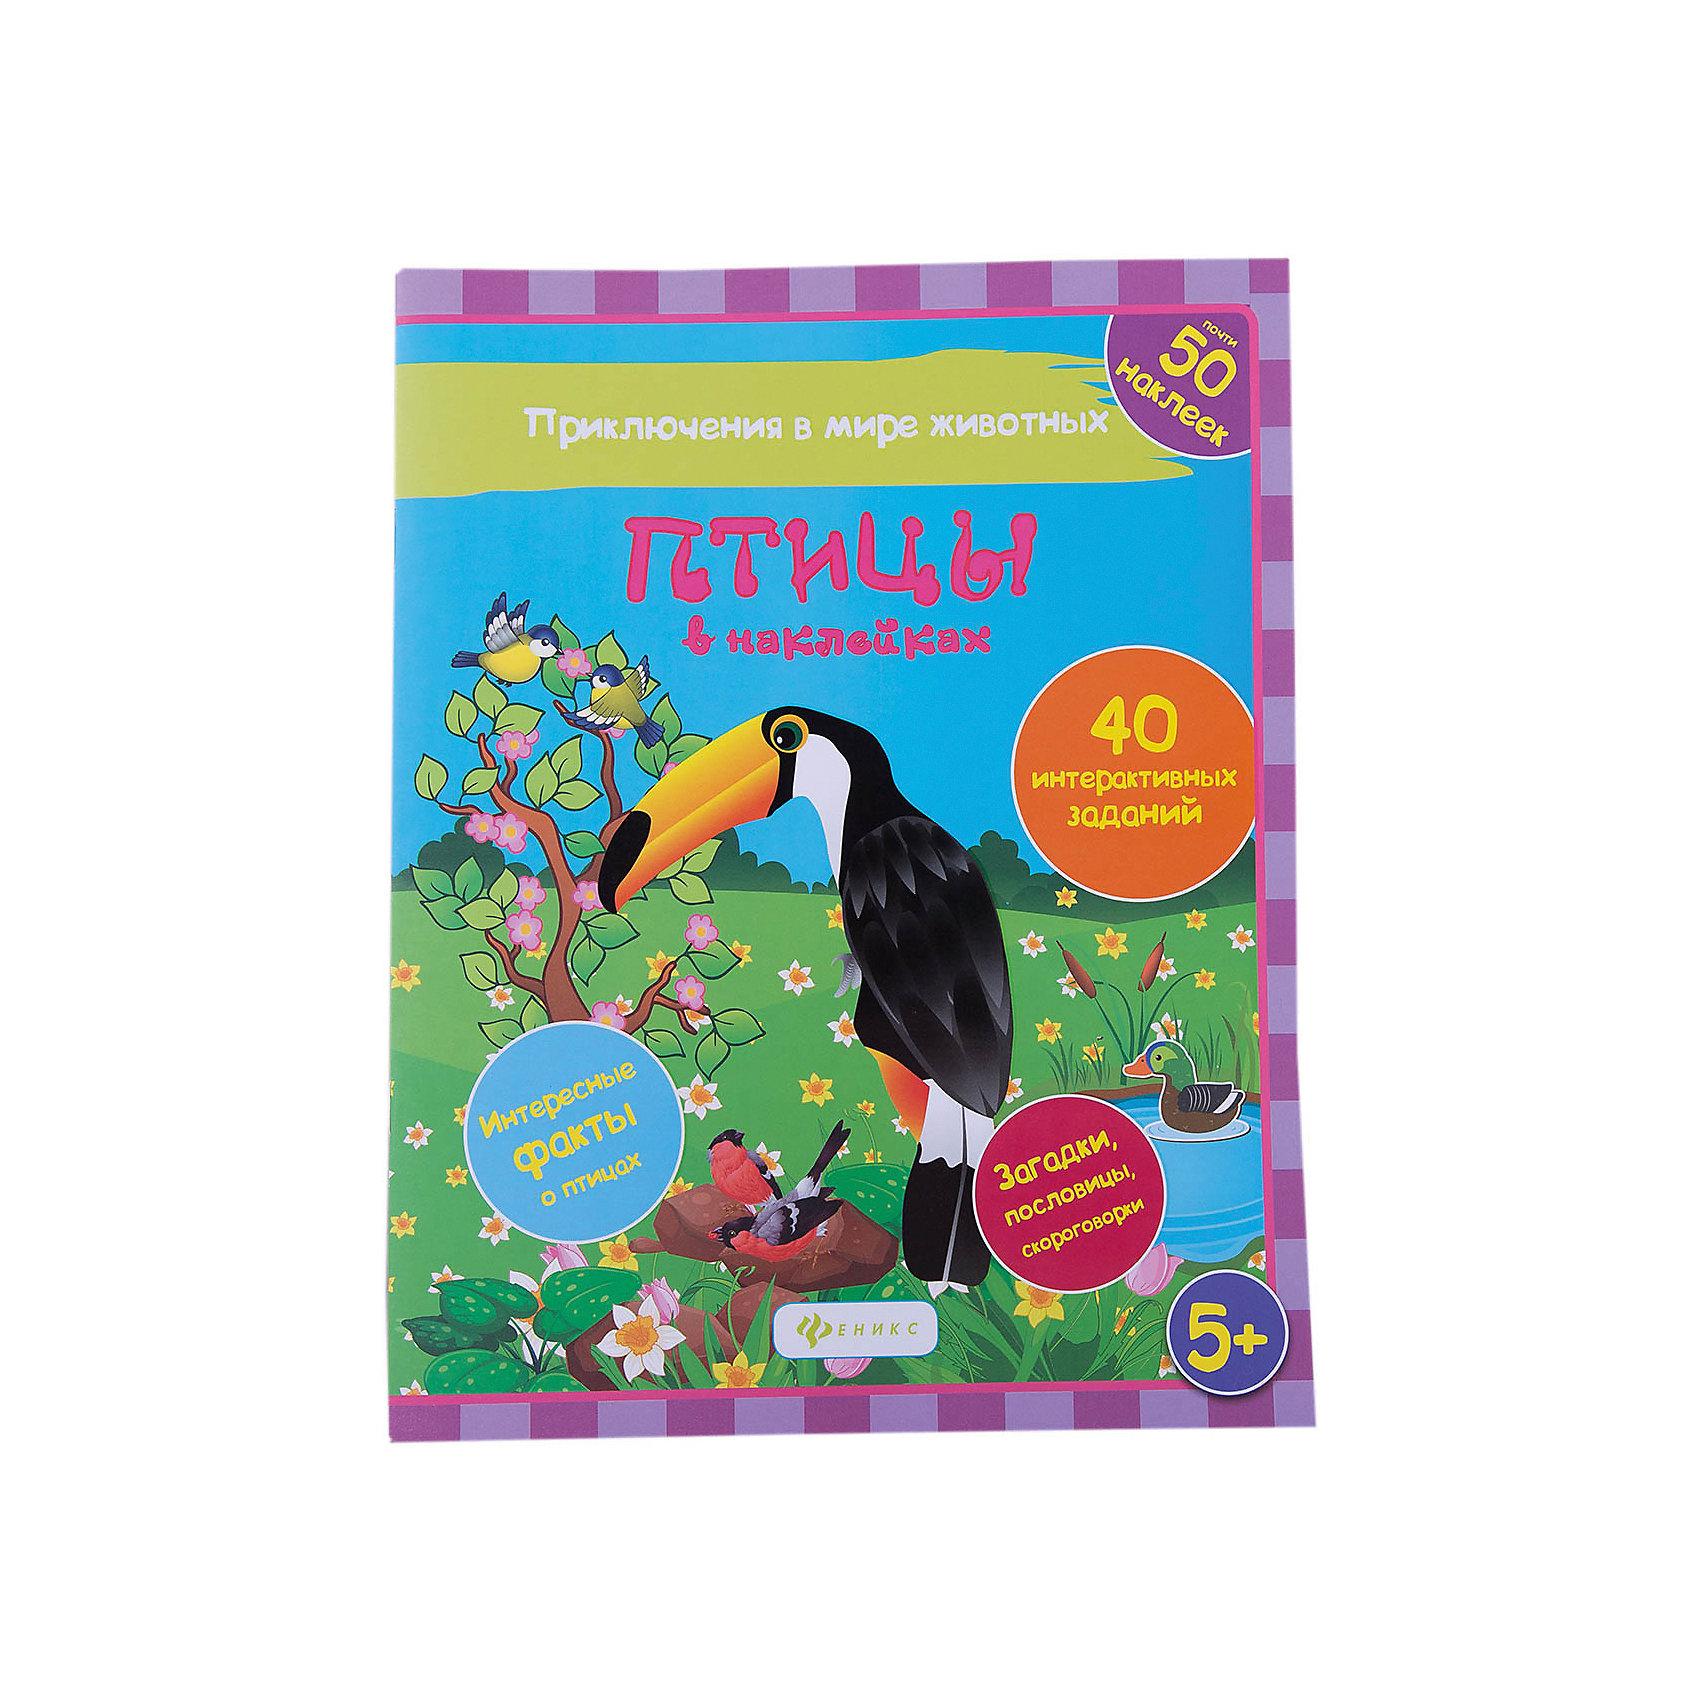 Наклейки ПтицыКниги для развития творческих навыков<br>Книги серии «Приключения в мире животных» предназначены для дошкольников, Интересные факты о животных, интерактивные задания с наклейками, раскраски и упражнения, развивающие речь, увлекают и обучают. Здесь можно раскрашивать, дорисовывать, сравнивать, замечать необычное, отгадывать, придумывать рассказы, строить логические связи и развивать фантазию!<br><br>Ширина мм: 200<br>Глубина мм: 201<br>Высота мм: 260<br>Вес г: 510<br>Возраст от месяцев: 36<br>Возраст до месяцев: 2147483647<br>Пол: Унисекс<br>Возраст: Детский<br>SKU: 5518153